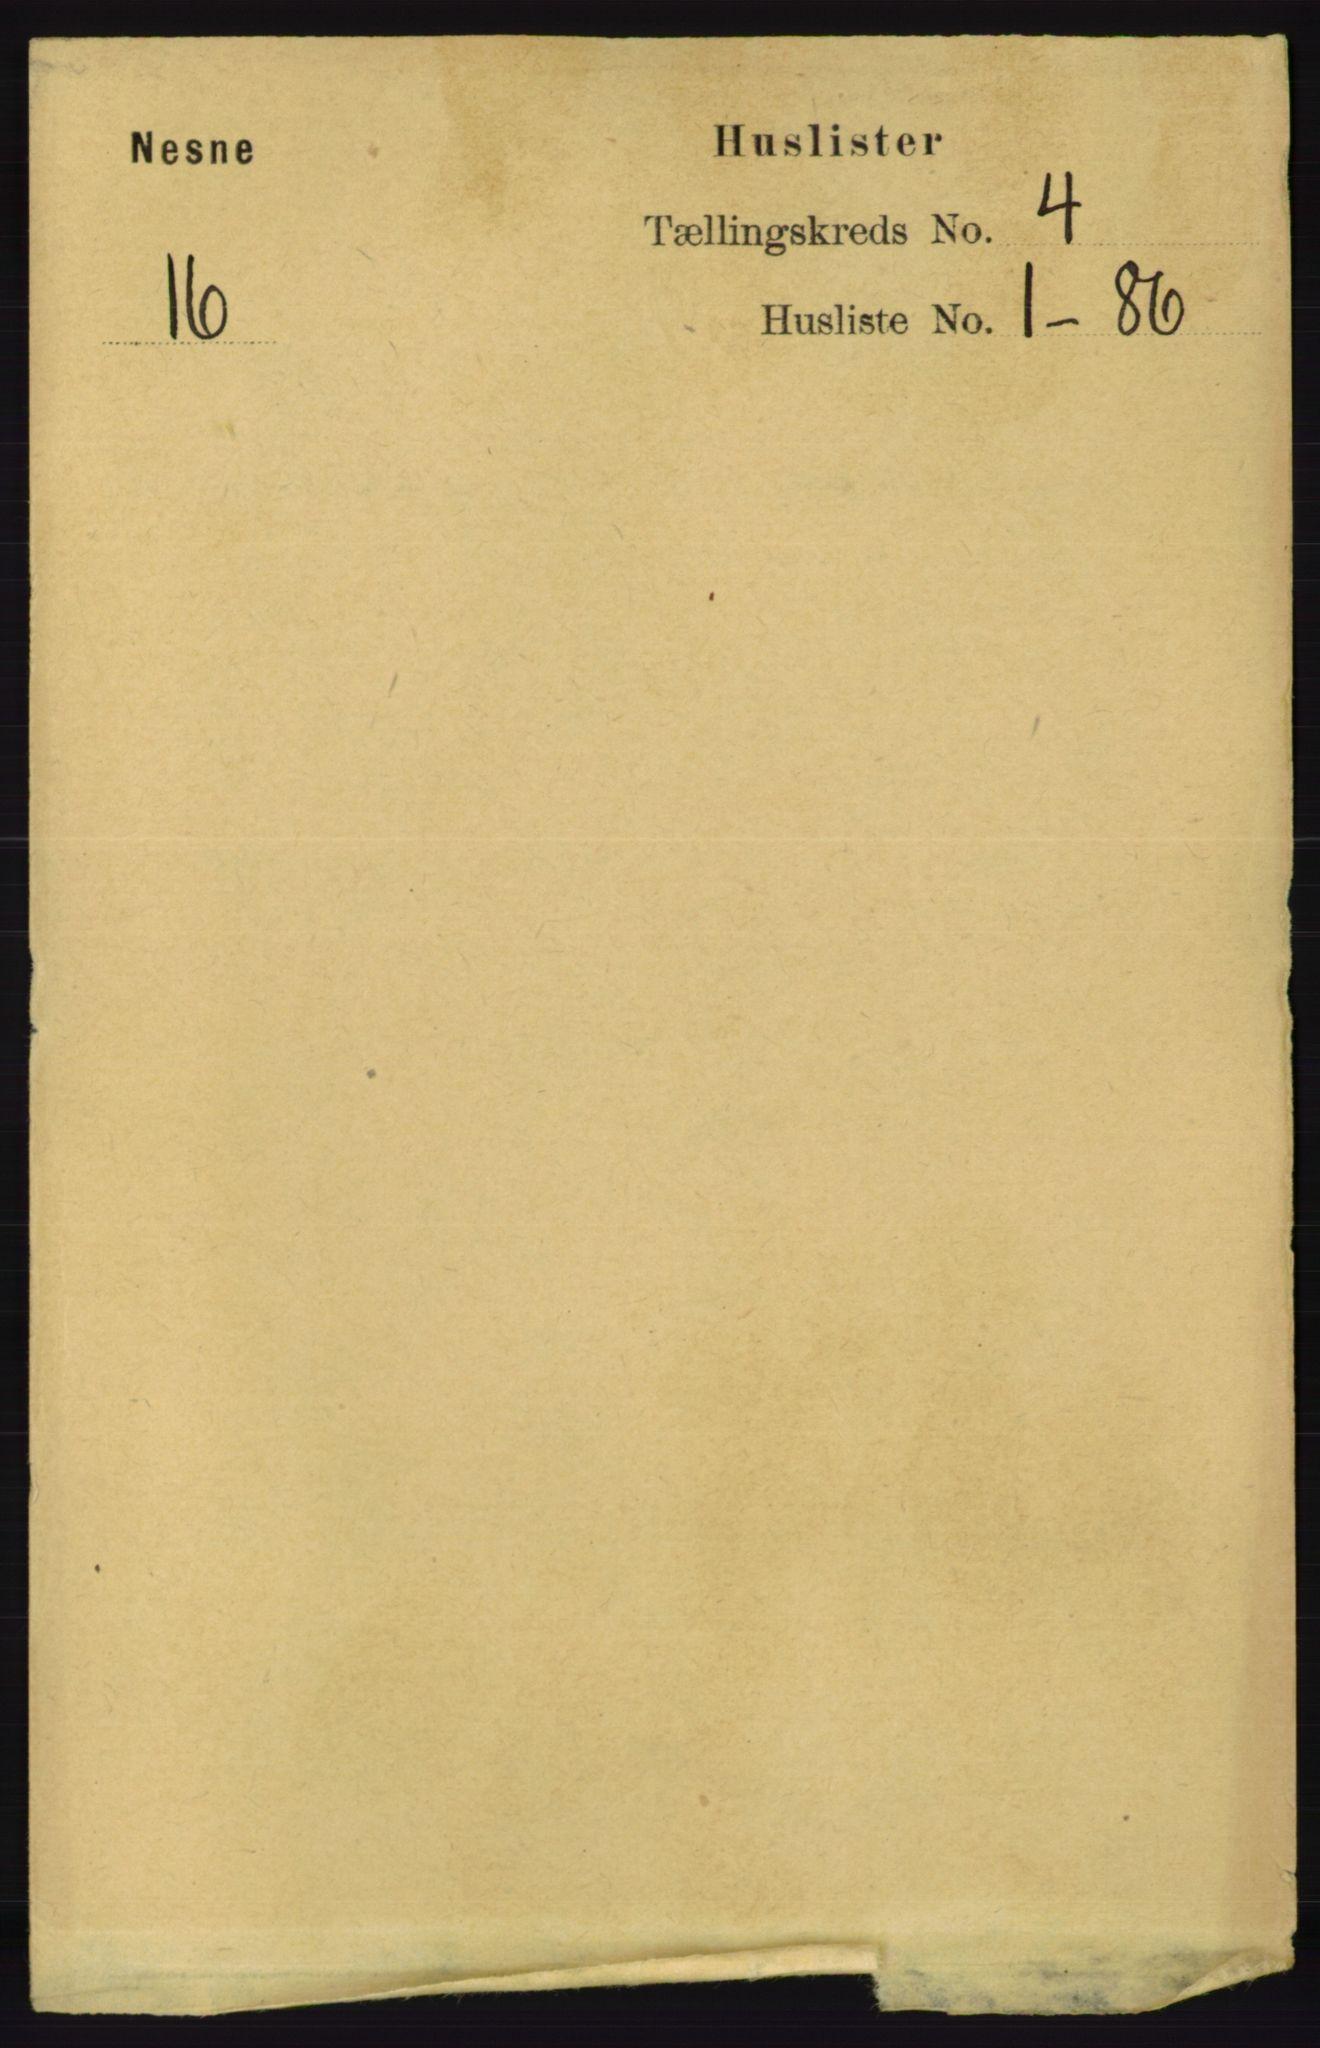 RA, Folketelling 1891 for 1828 Nesna herred, 1891, s. 2086